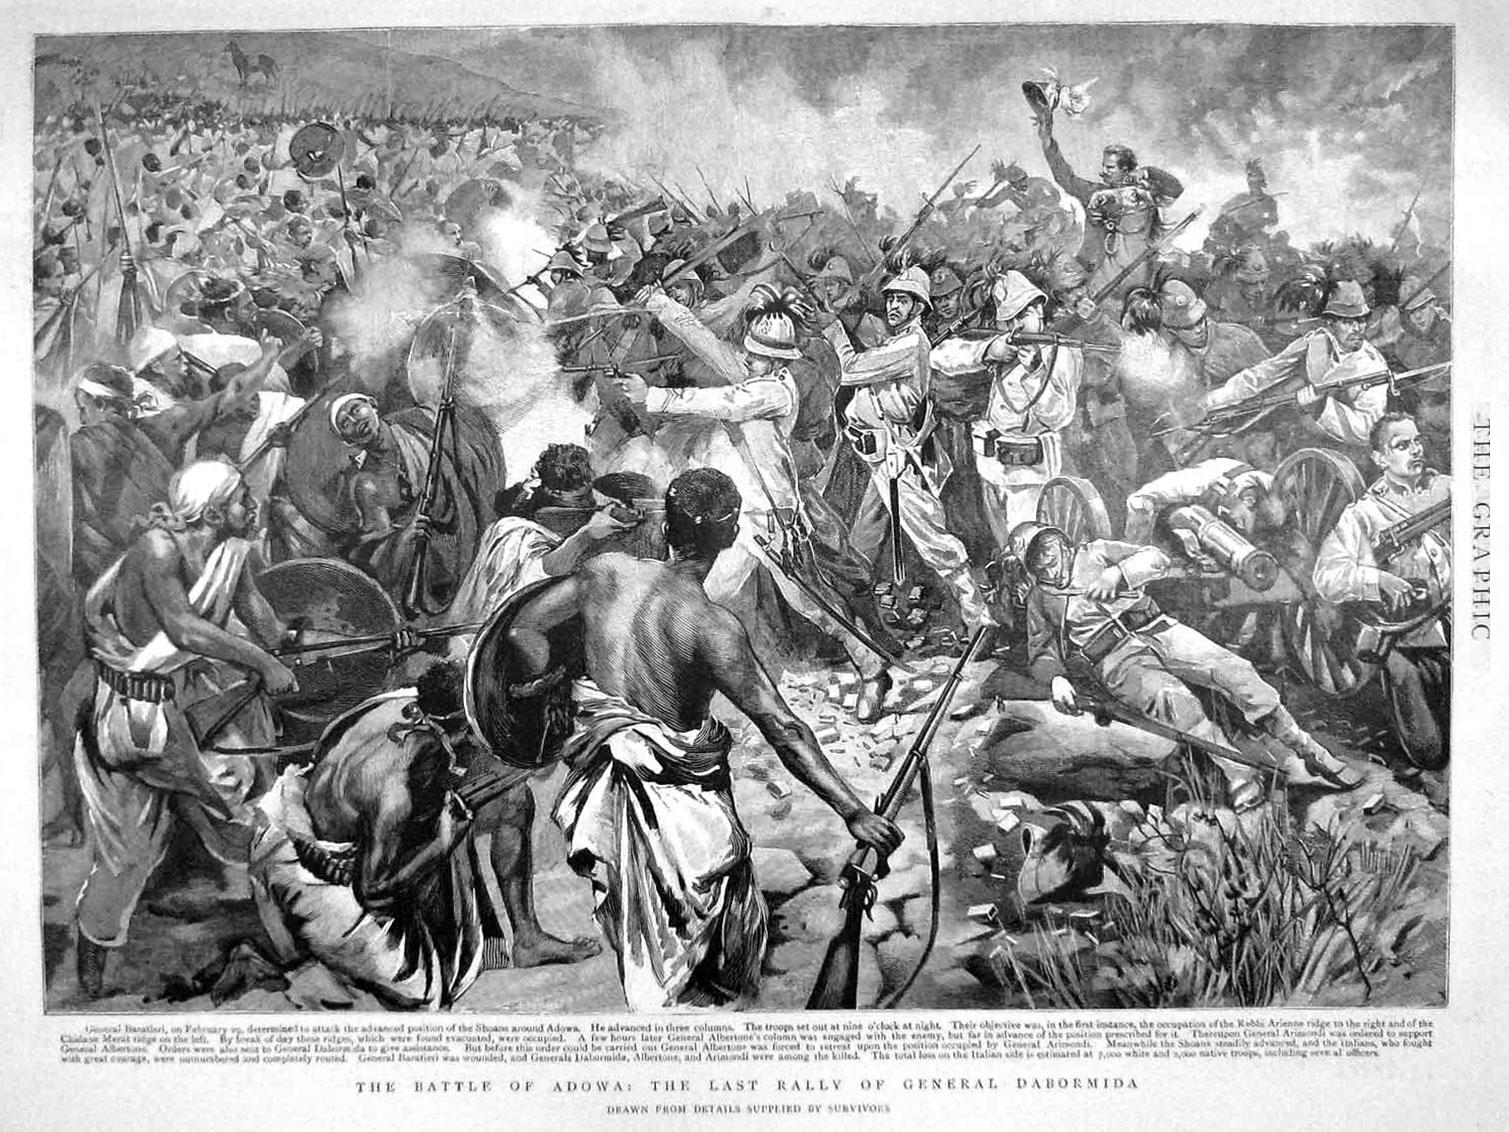 Rappresentazione britannica della battaglia di Adua, realizzata a partire dai racconti di alcuni sopravvissuti